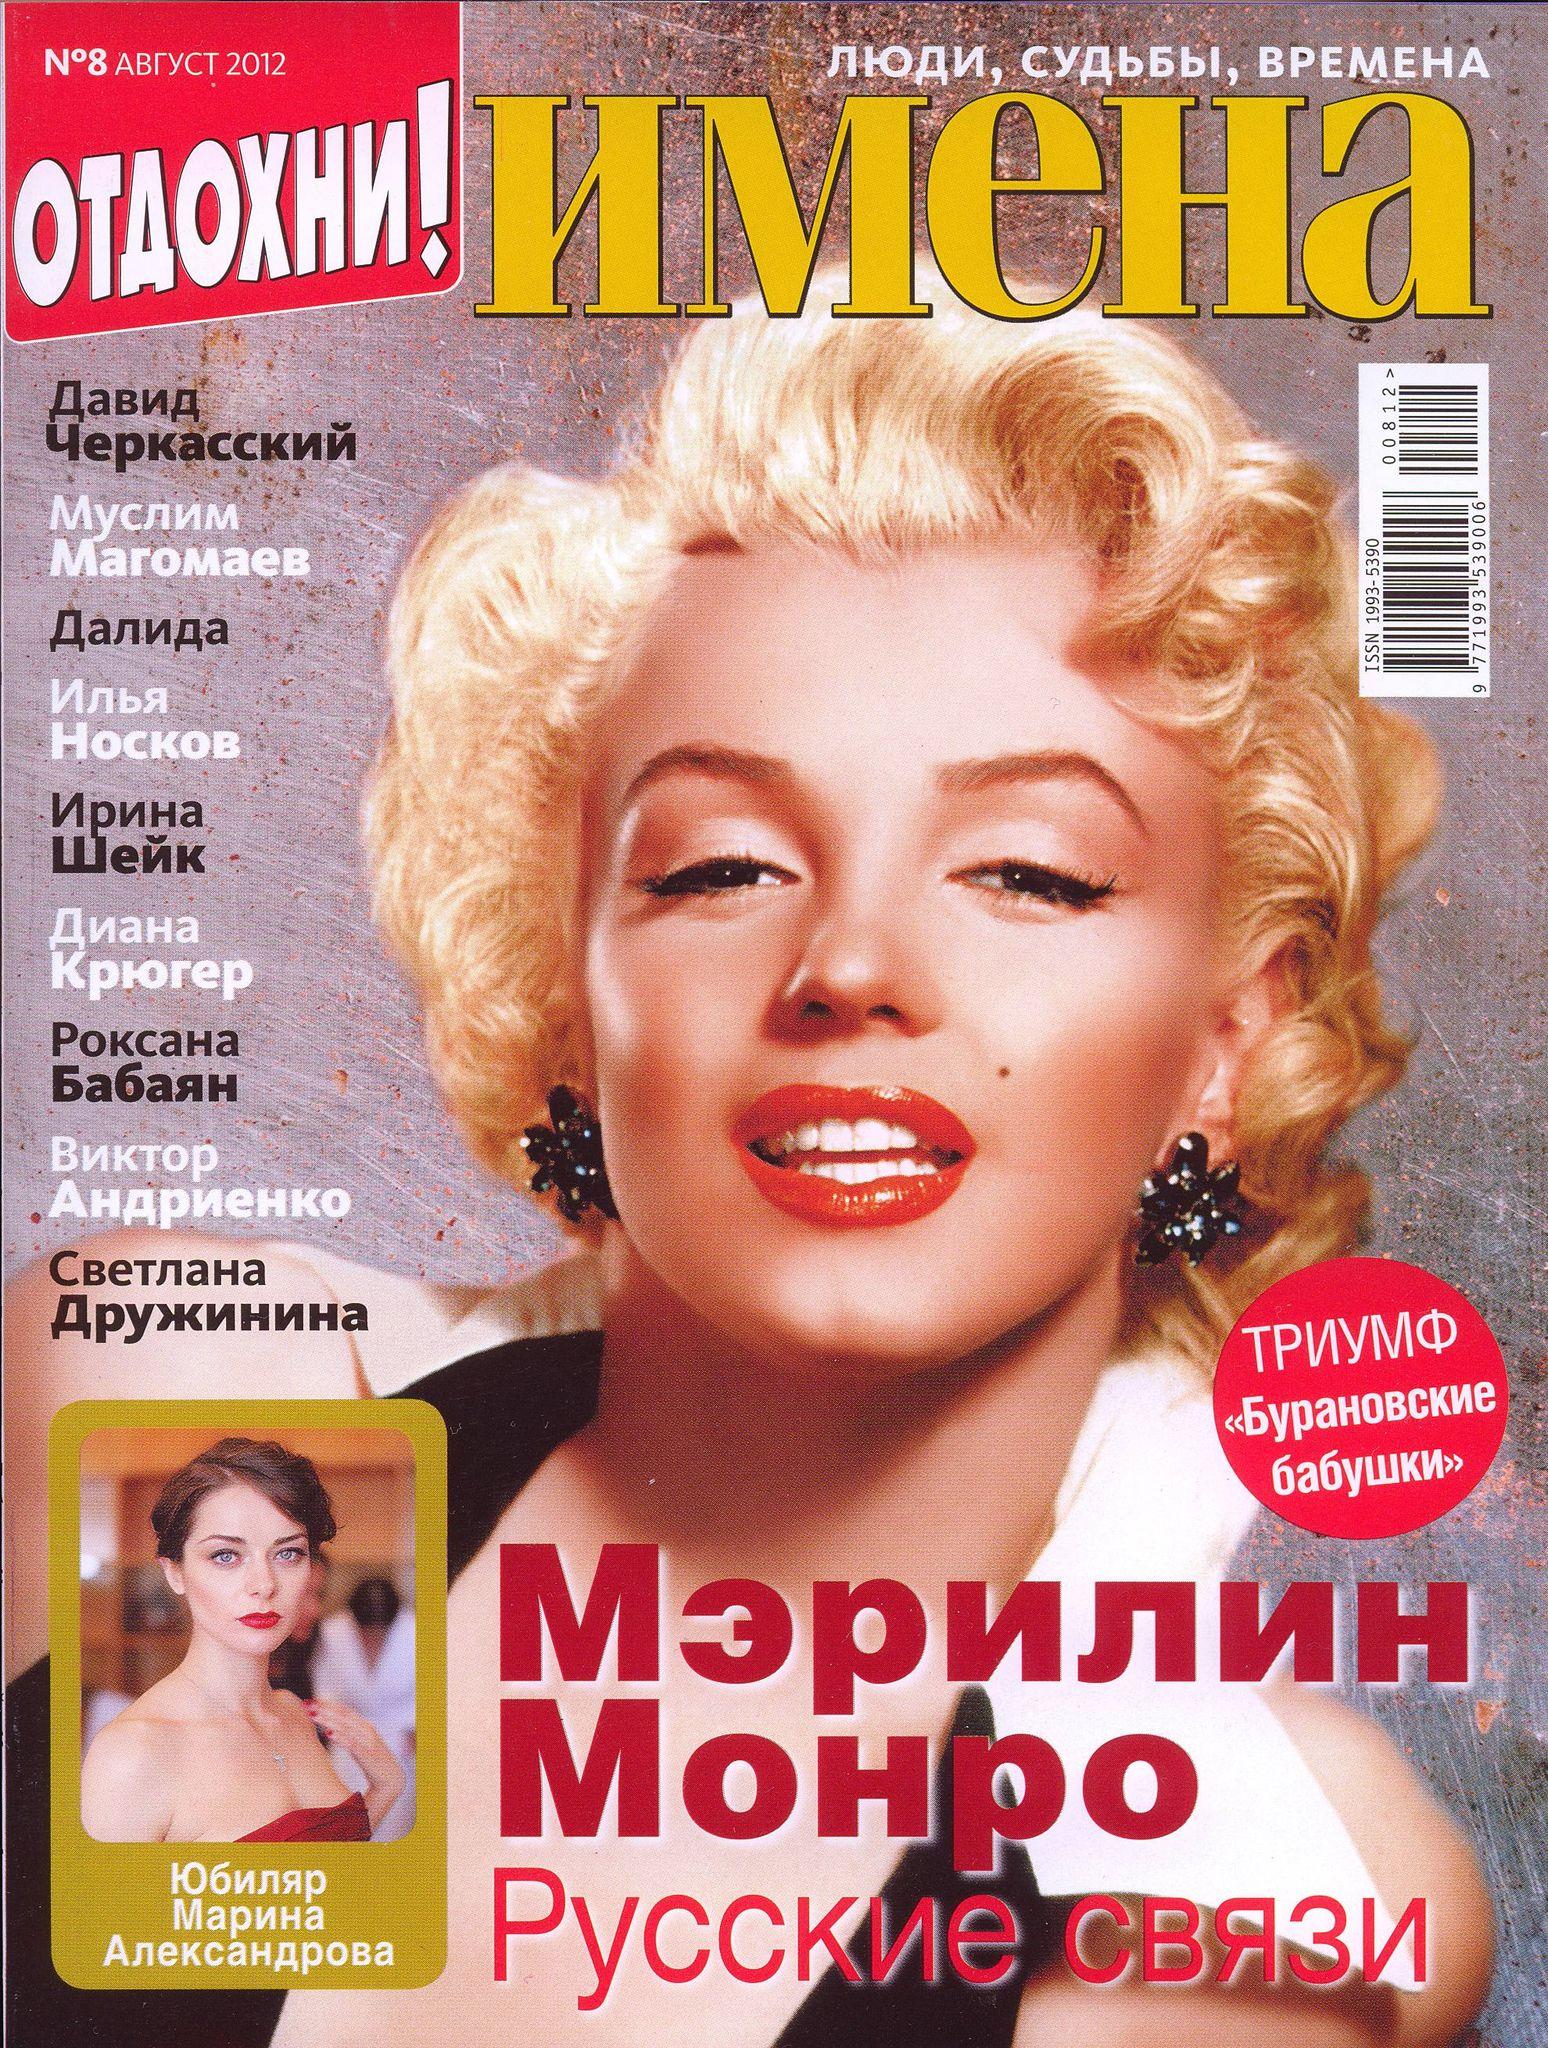 2012-08-otdohni_imena-ukraine